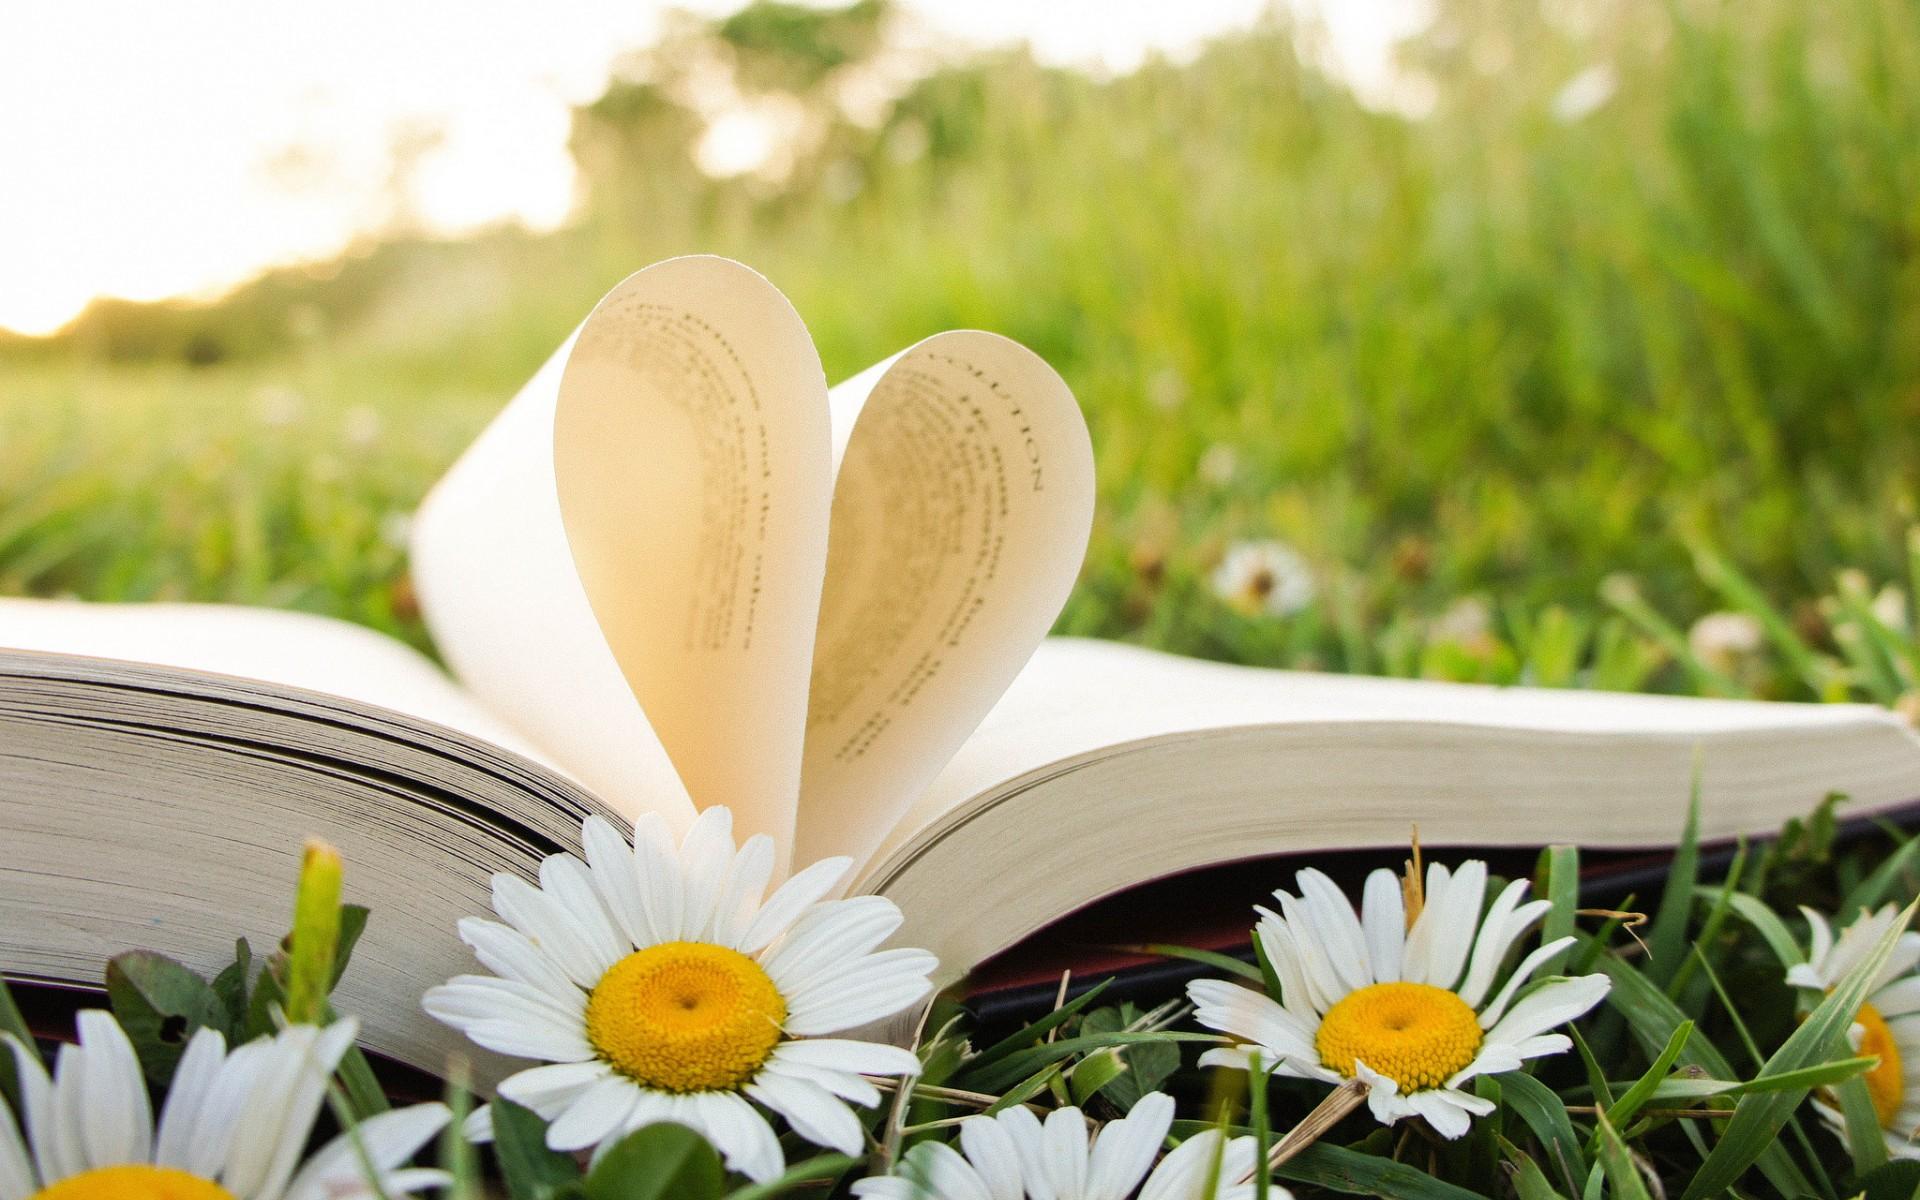 поле, ромашки, книга